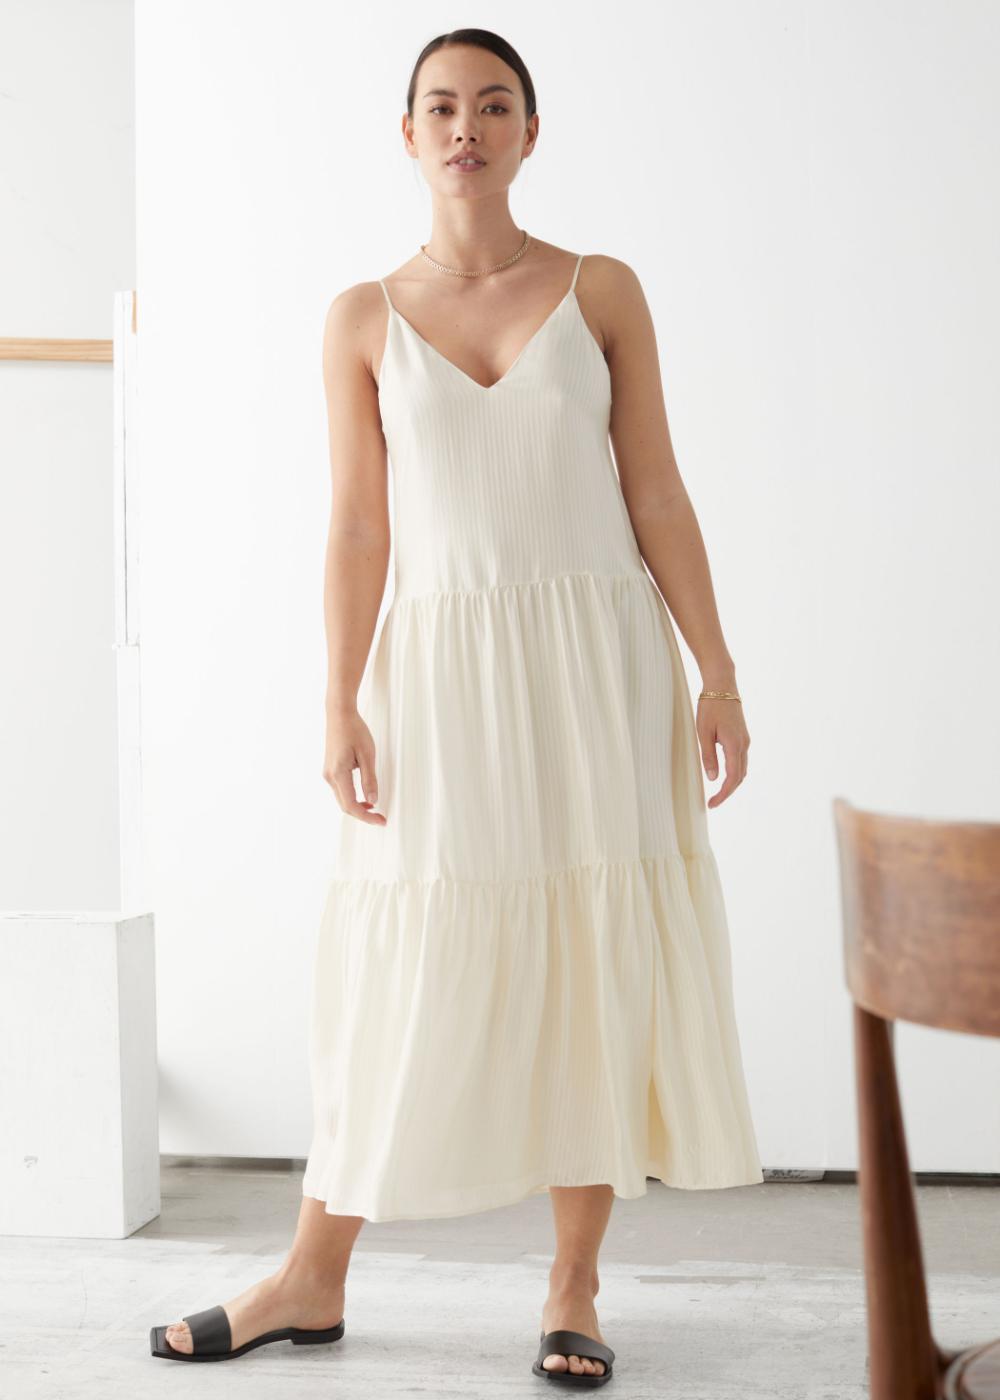 Tiered Viscose Midi Dress Dresses Midi Dress Mini Dress With Sleeves [ 1400 x 1000 Pixel ]